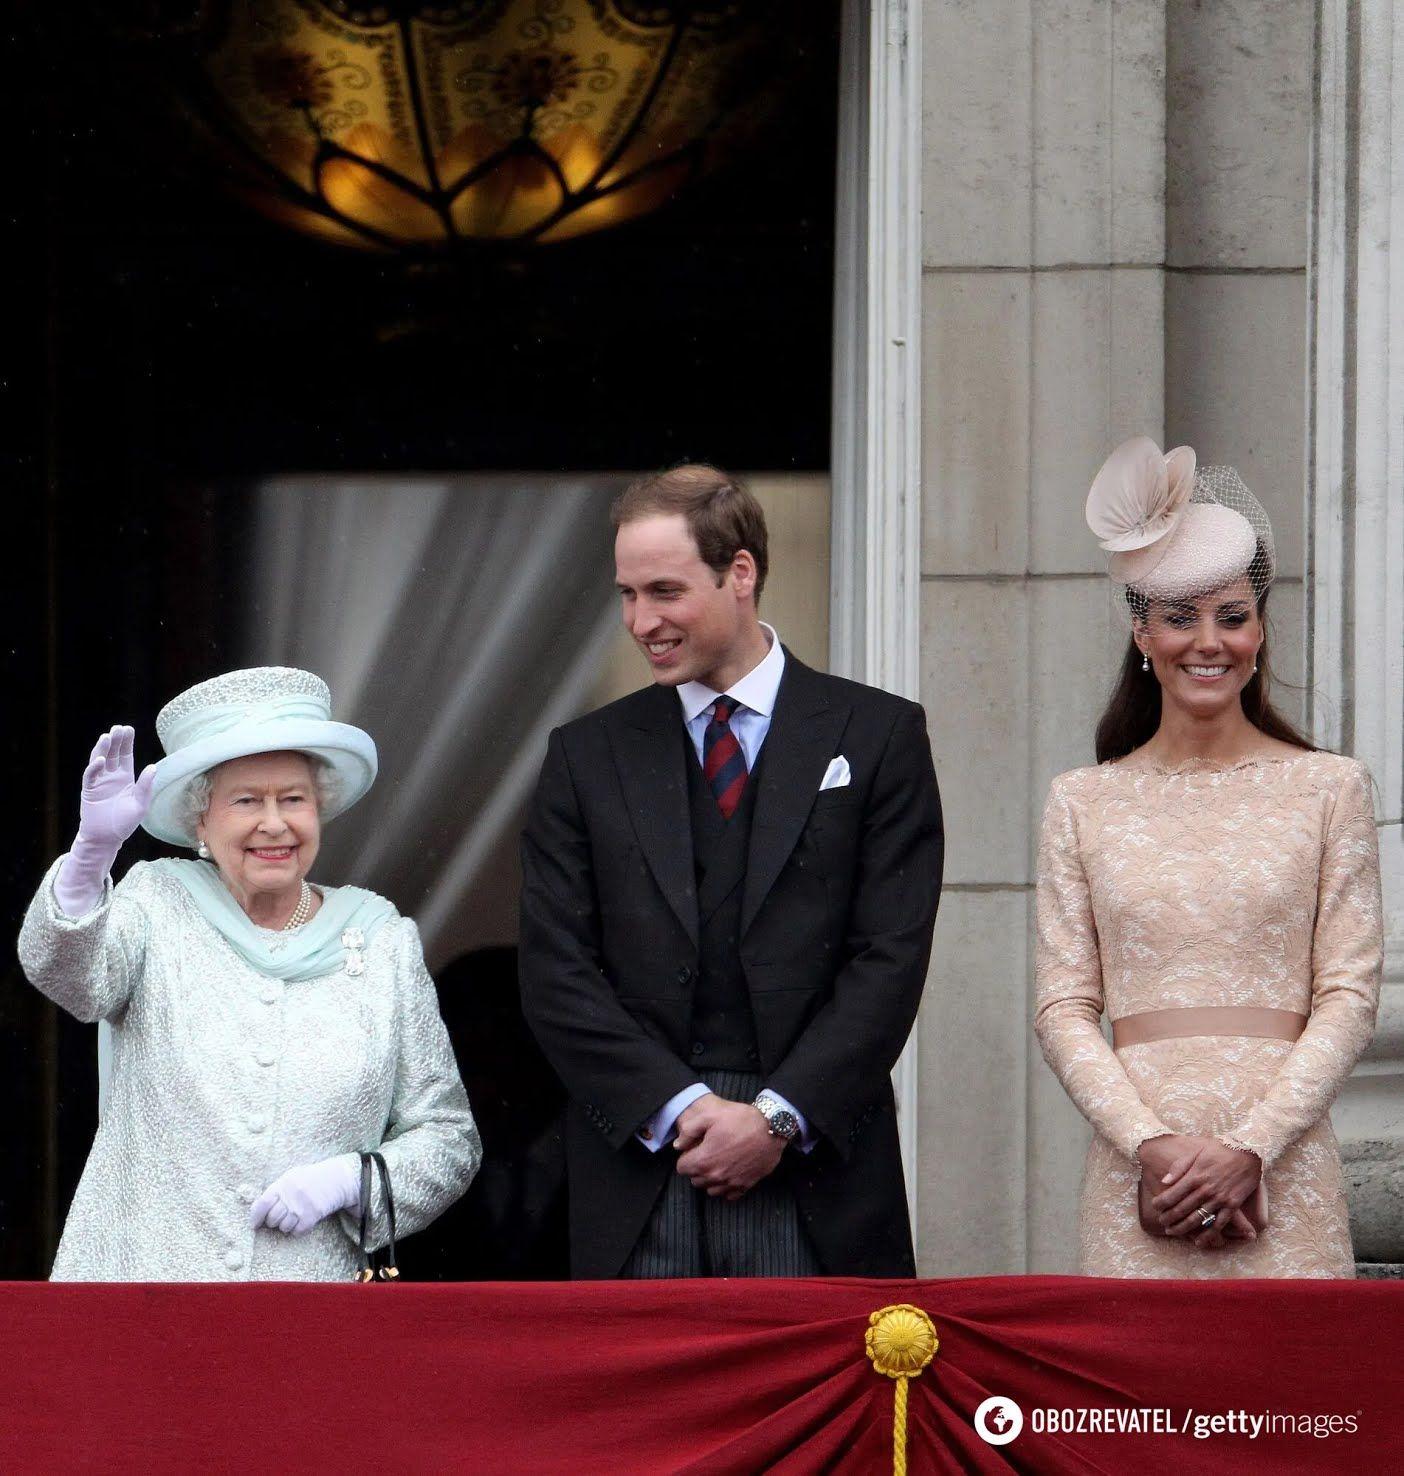 Єлизавета II, принц Вільям і Кейт Міддлтон